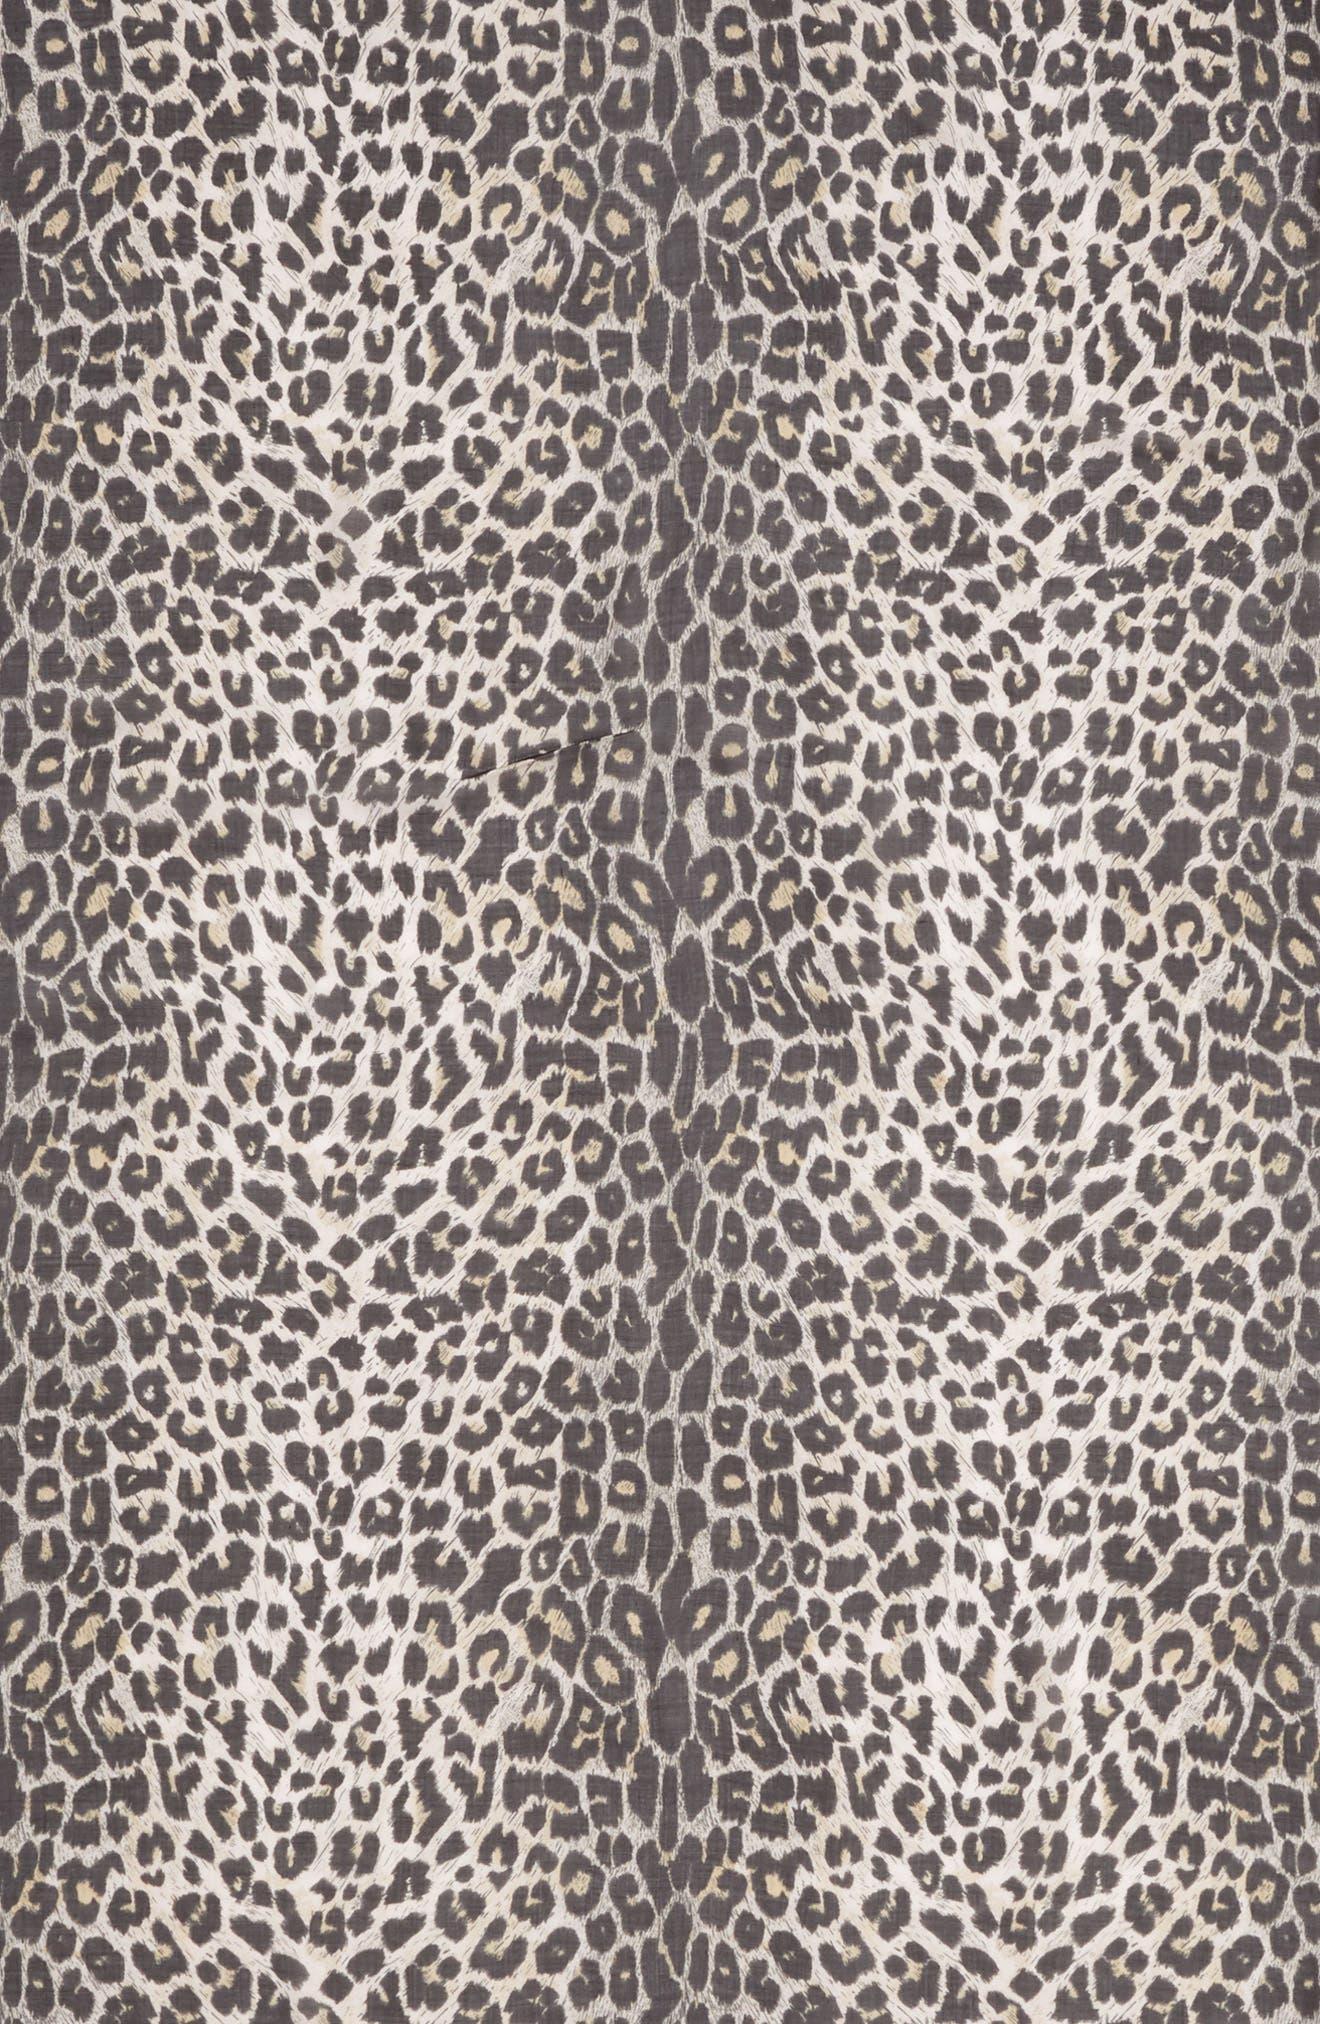 ALLSAINTS, Leopard Print Square Scarf, Alternate thumbnail 4, color, BLACK